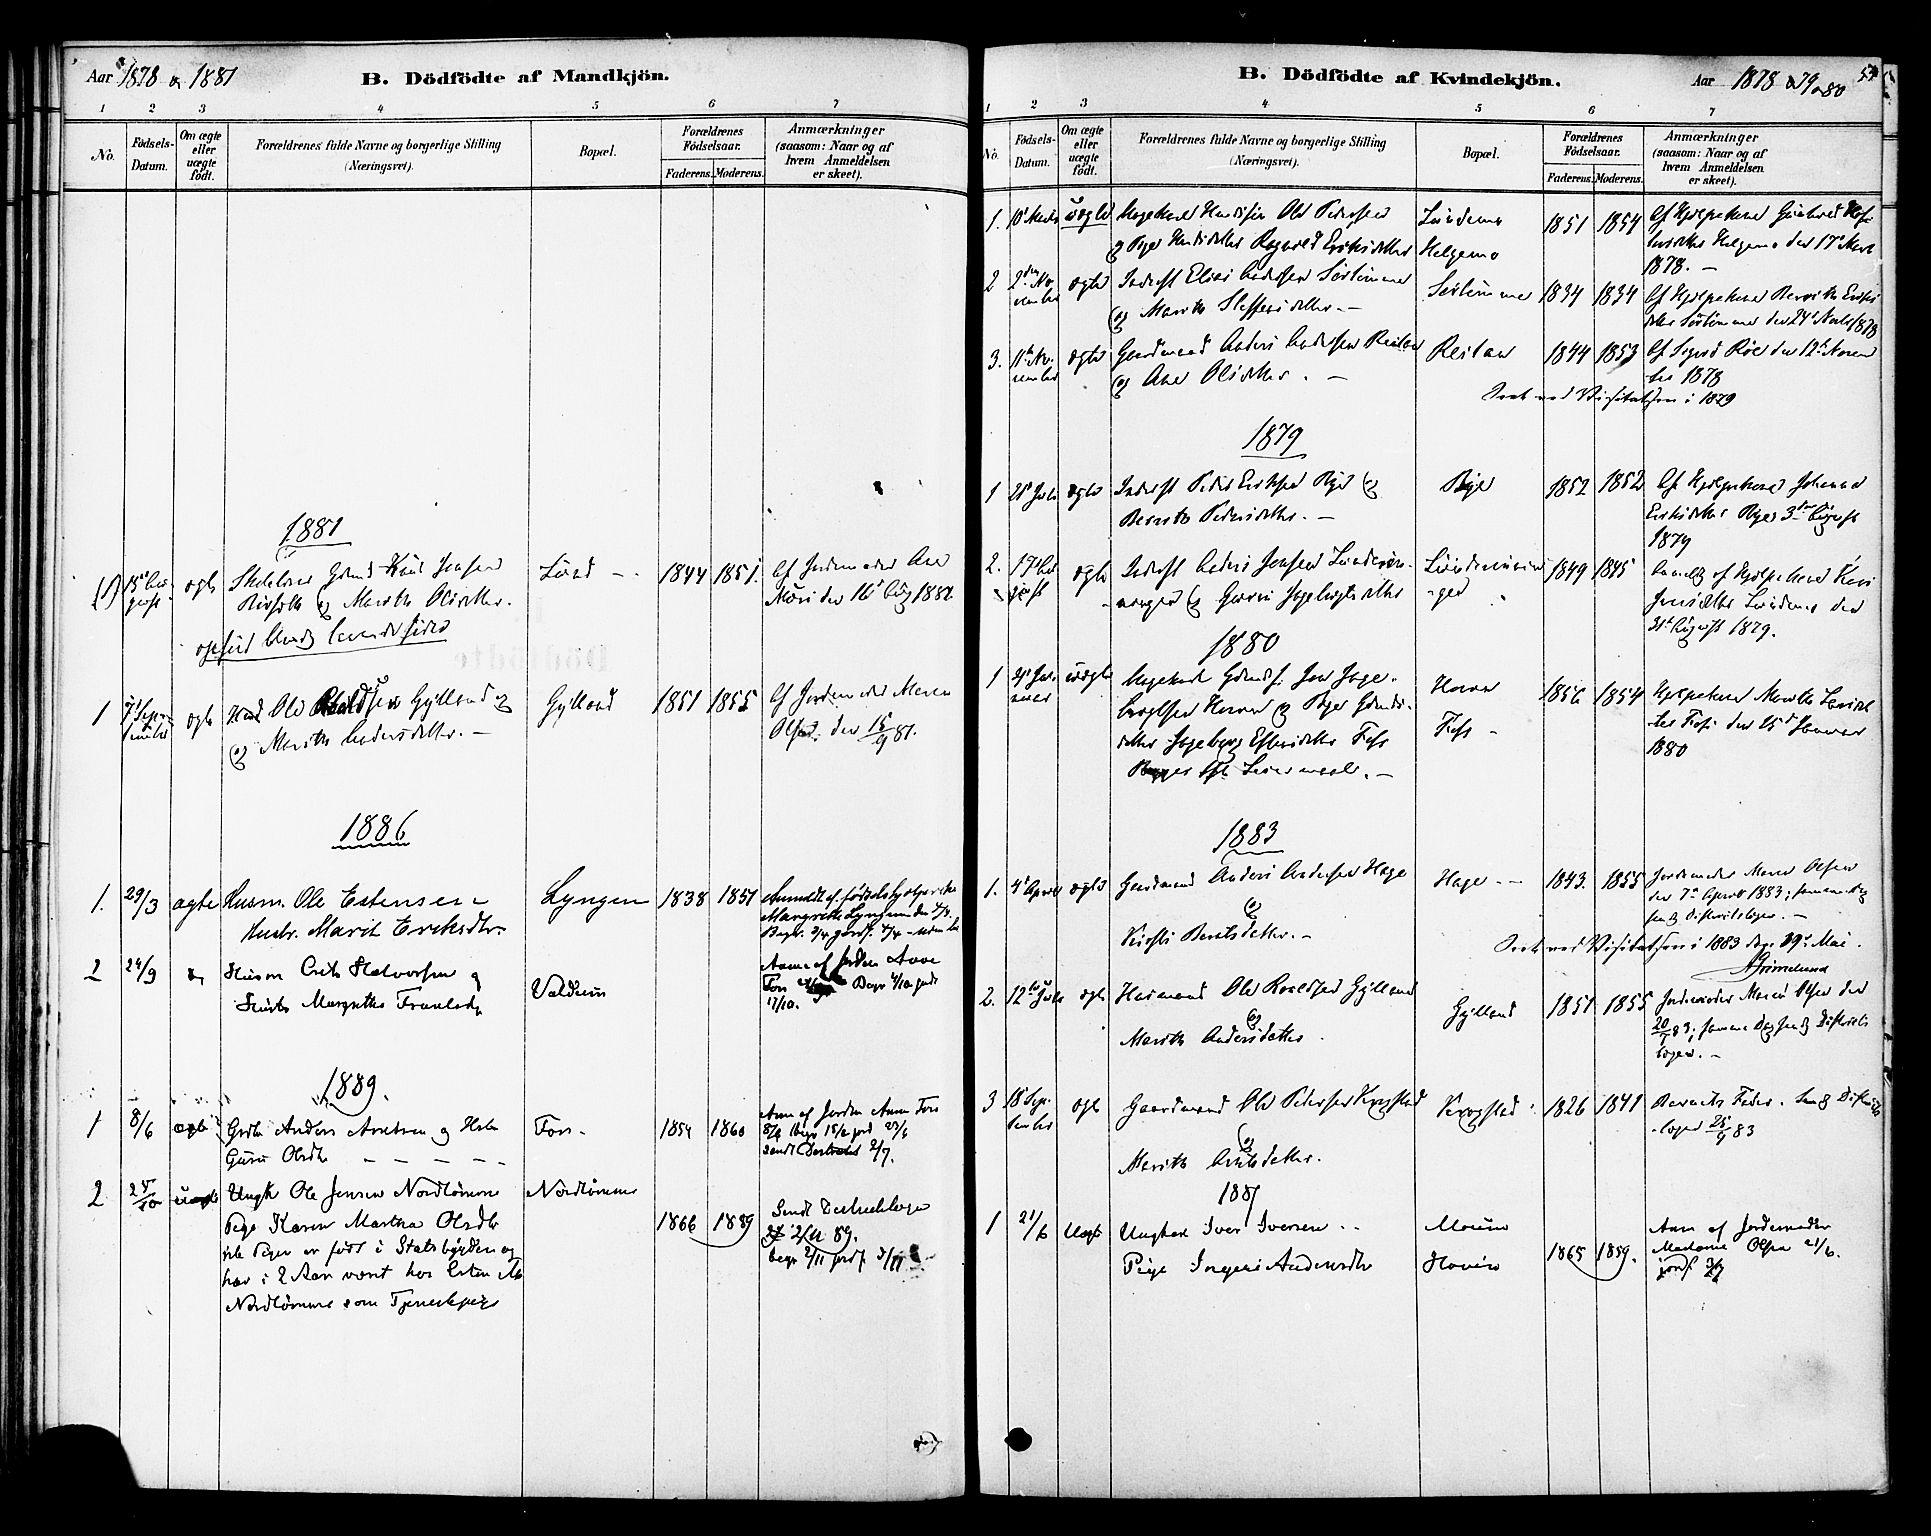 SAT, Ministerialprotokoller, klokkerbøker og fødselsregistre - Sør-Trøndelag, 692/L1105: Ministerialbok nr. 692A05, 1878-1890, s. 54